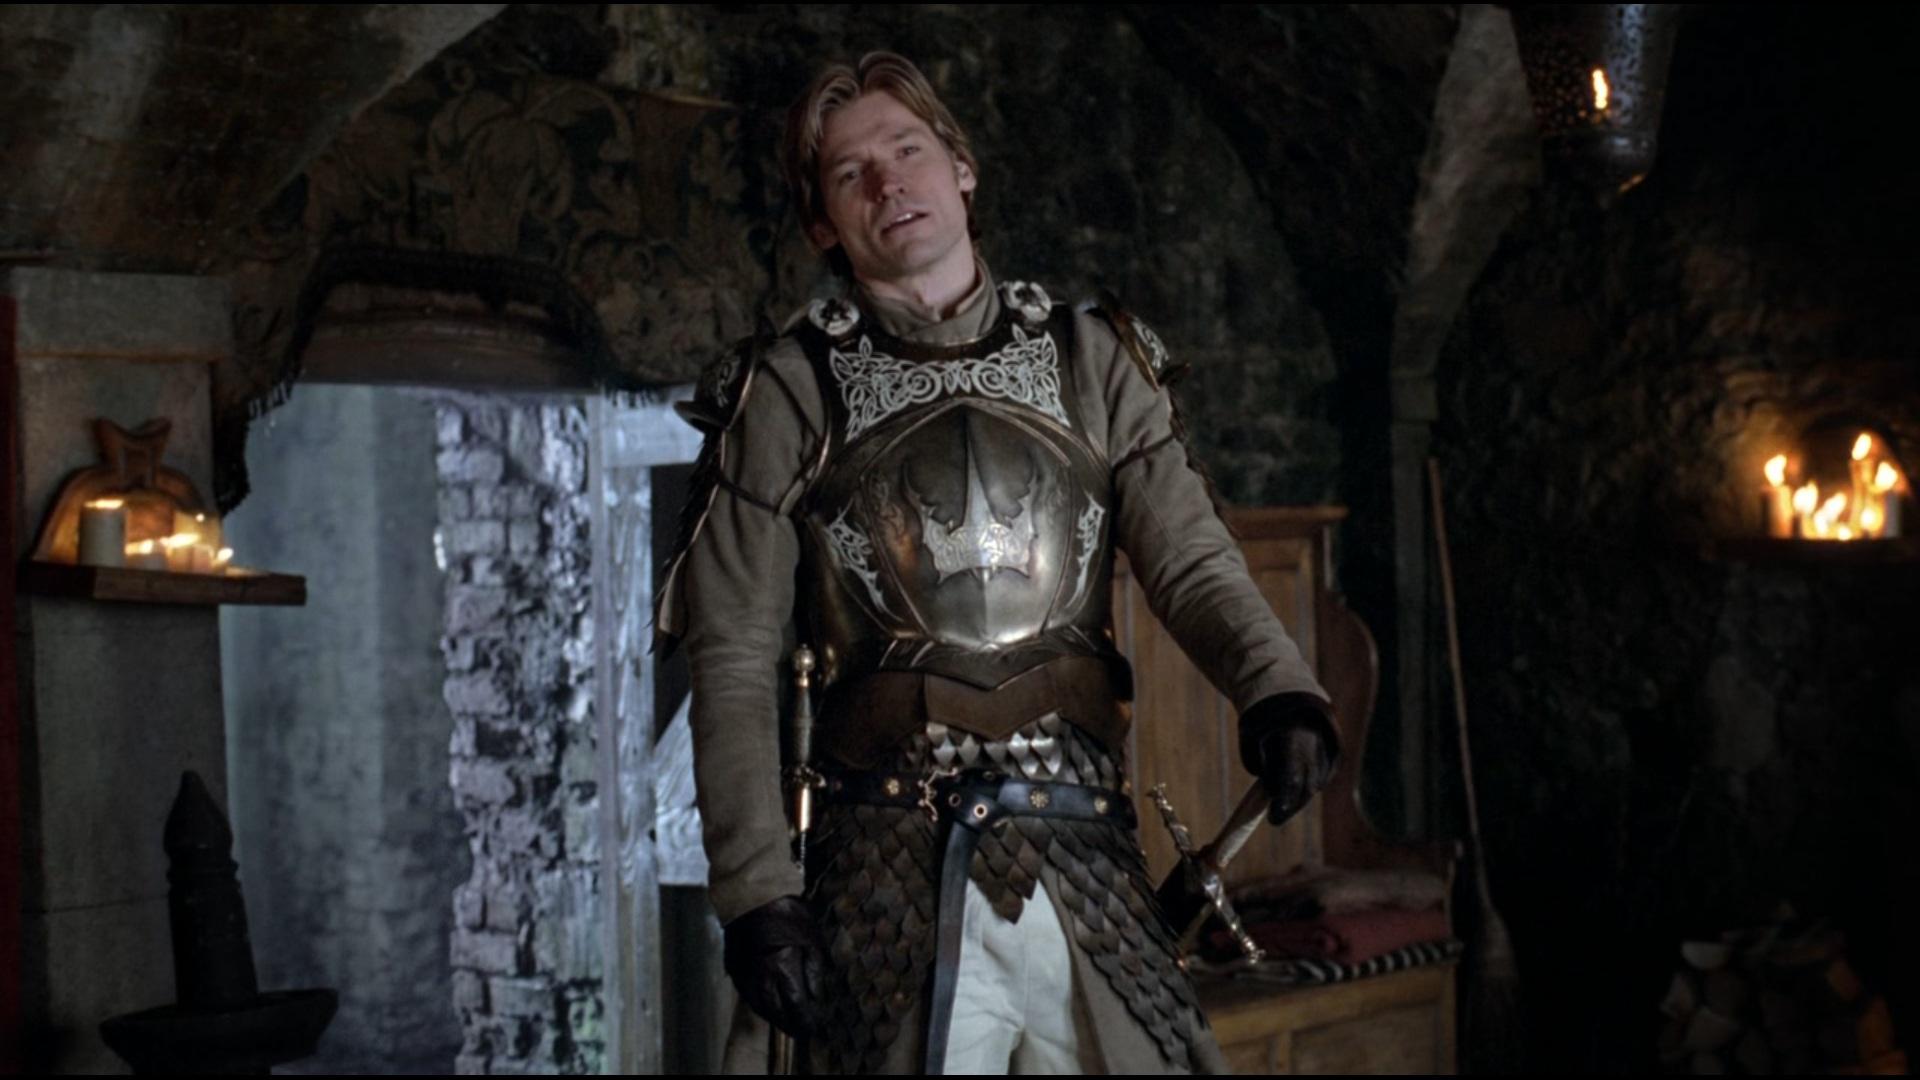 jaime-lannister-cavaliere-guardia-reale